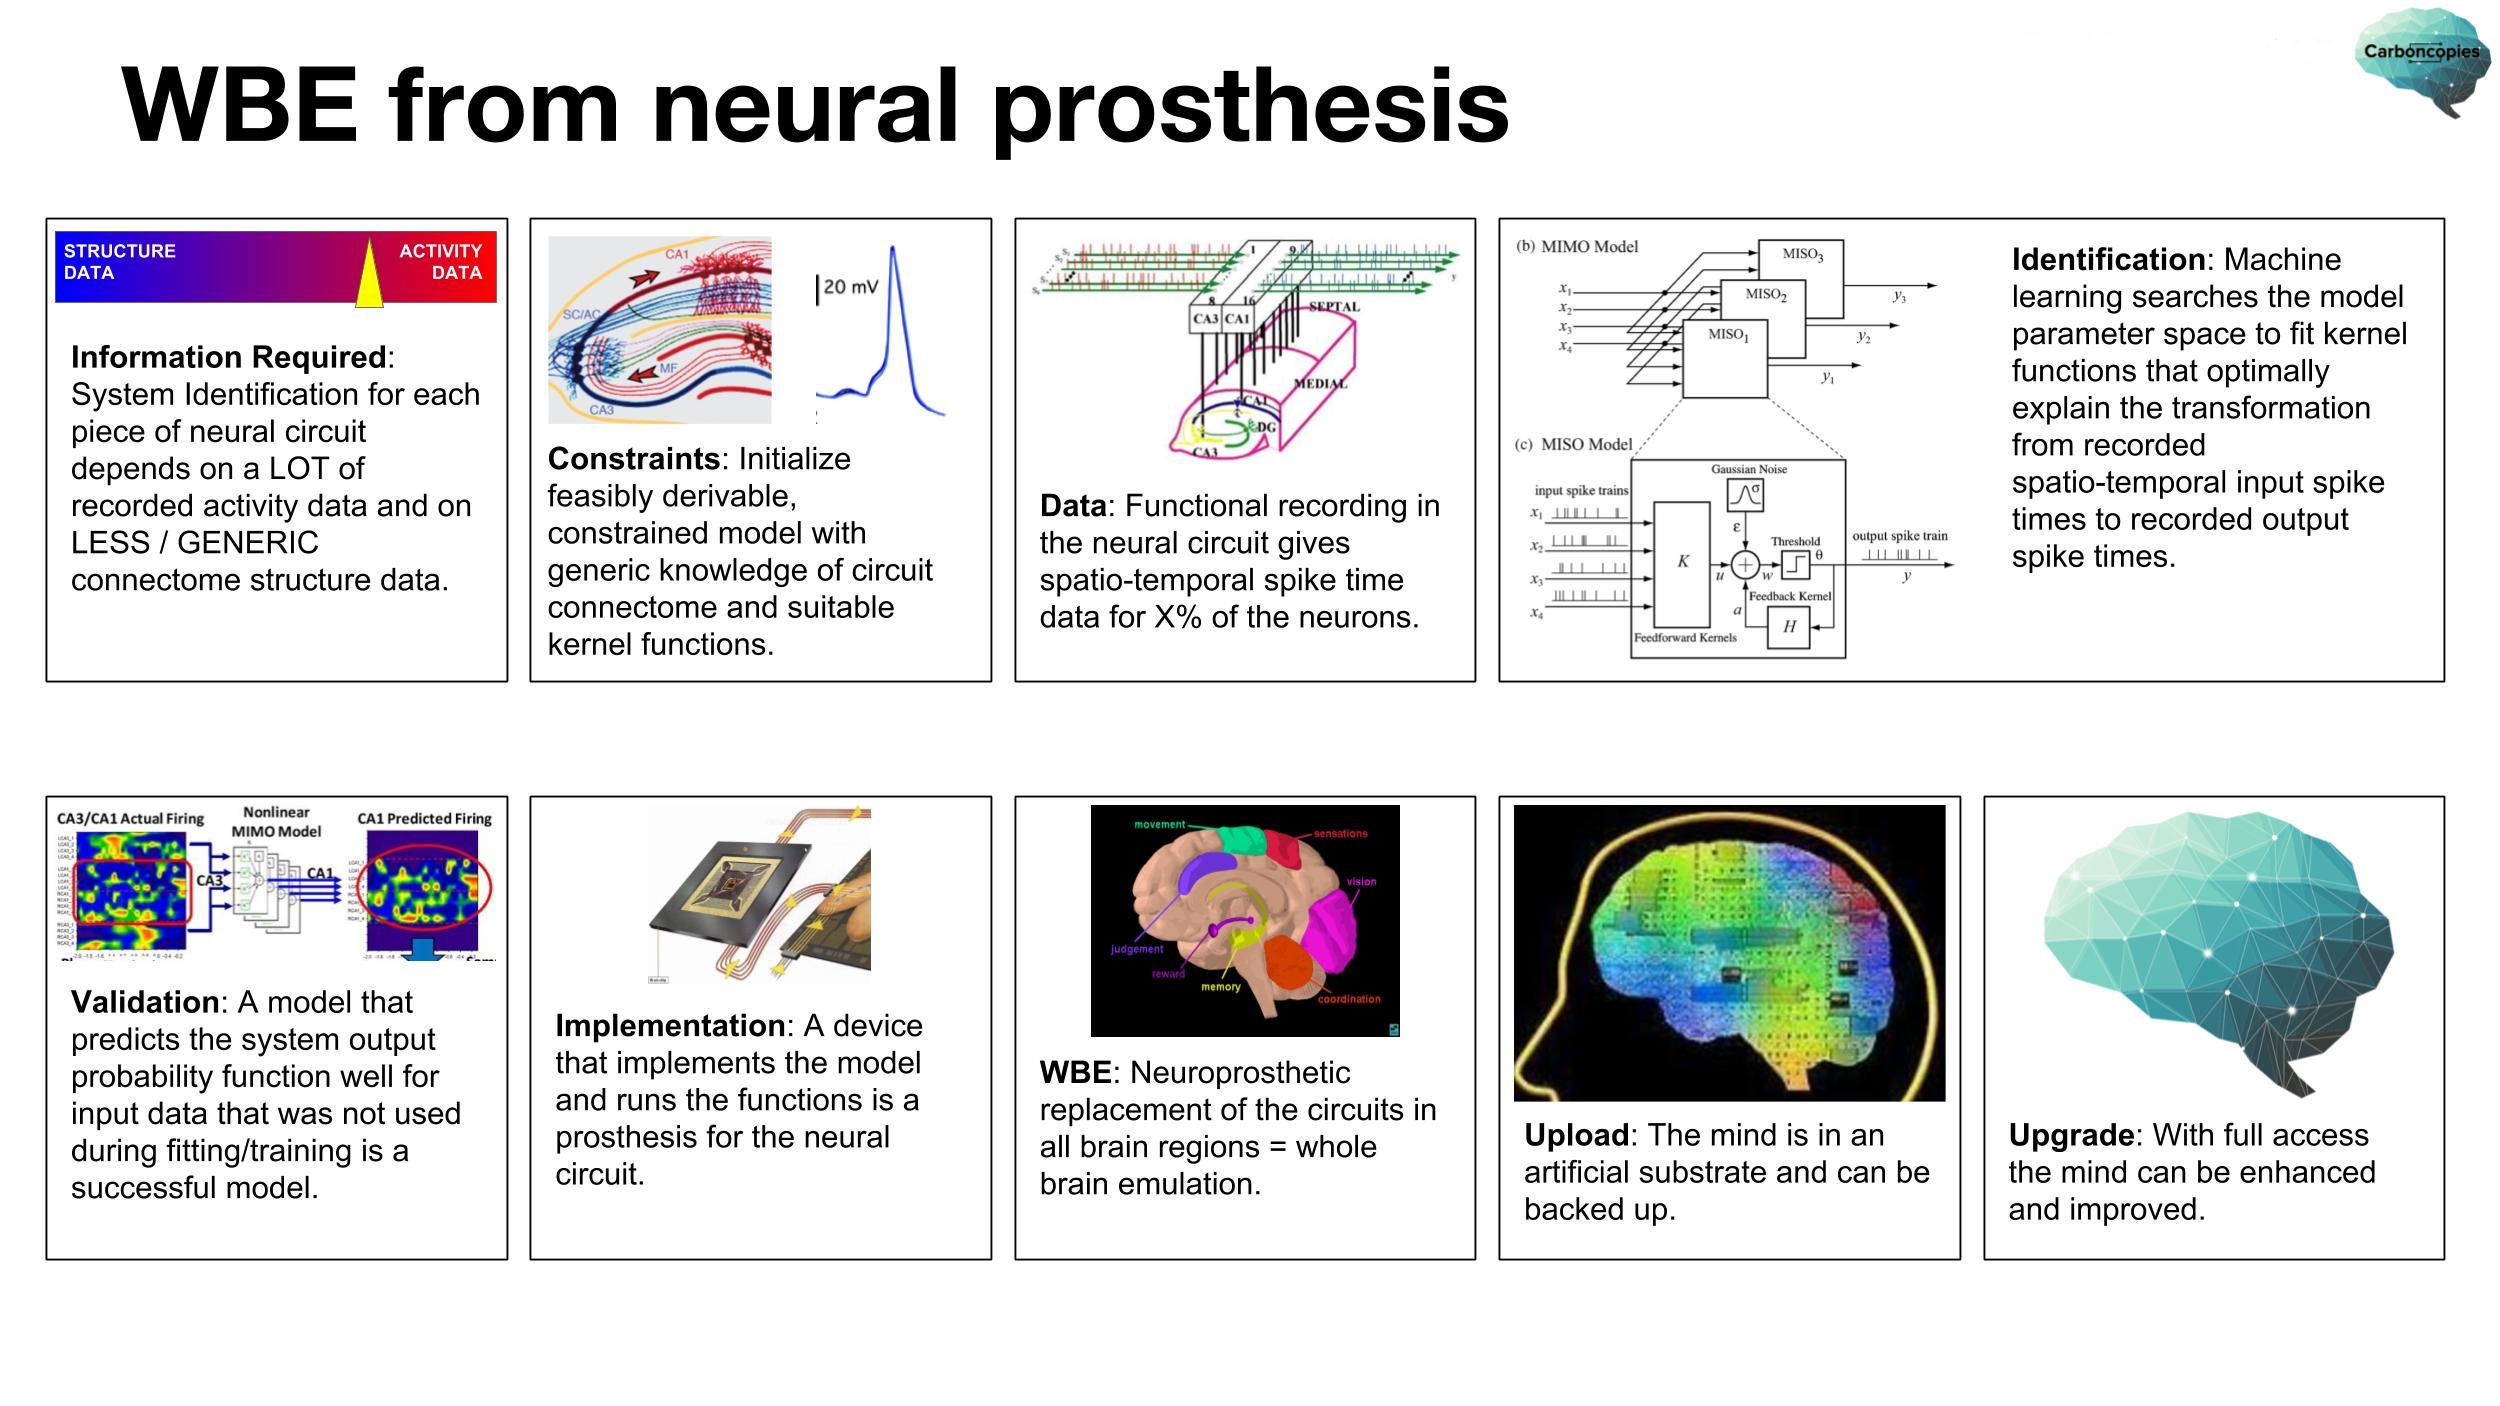 WBE-via-neural-prosthesis-20180407-2500x1406